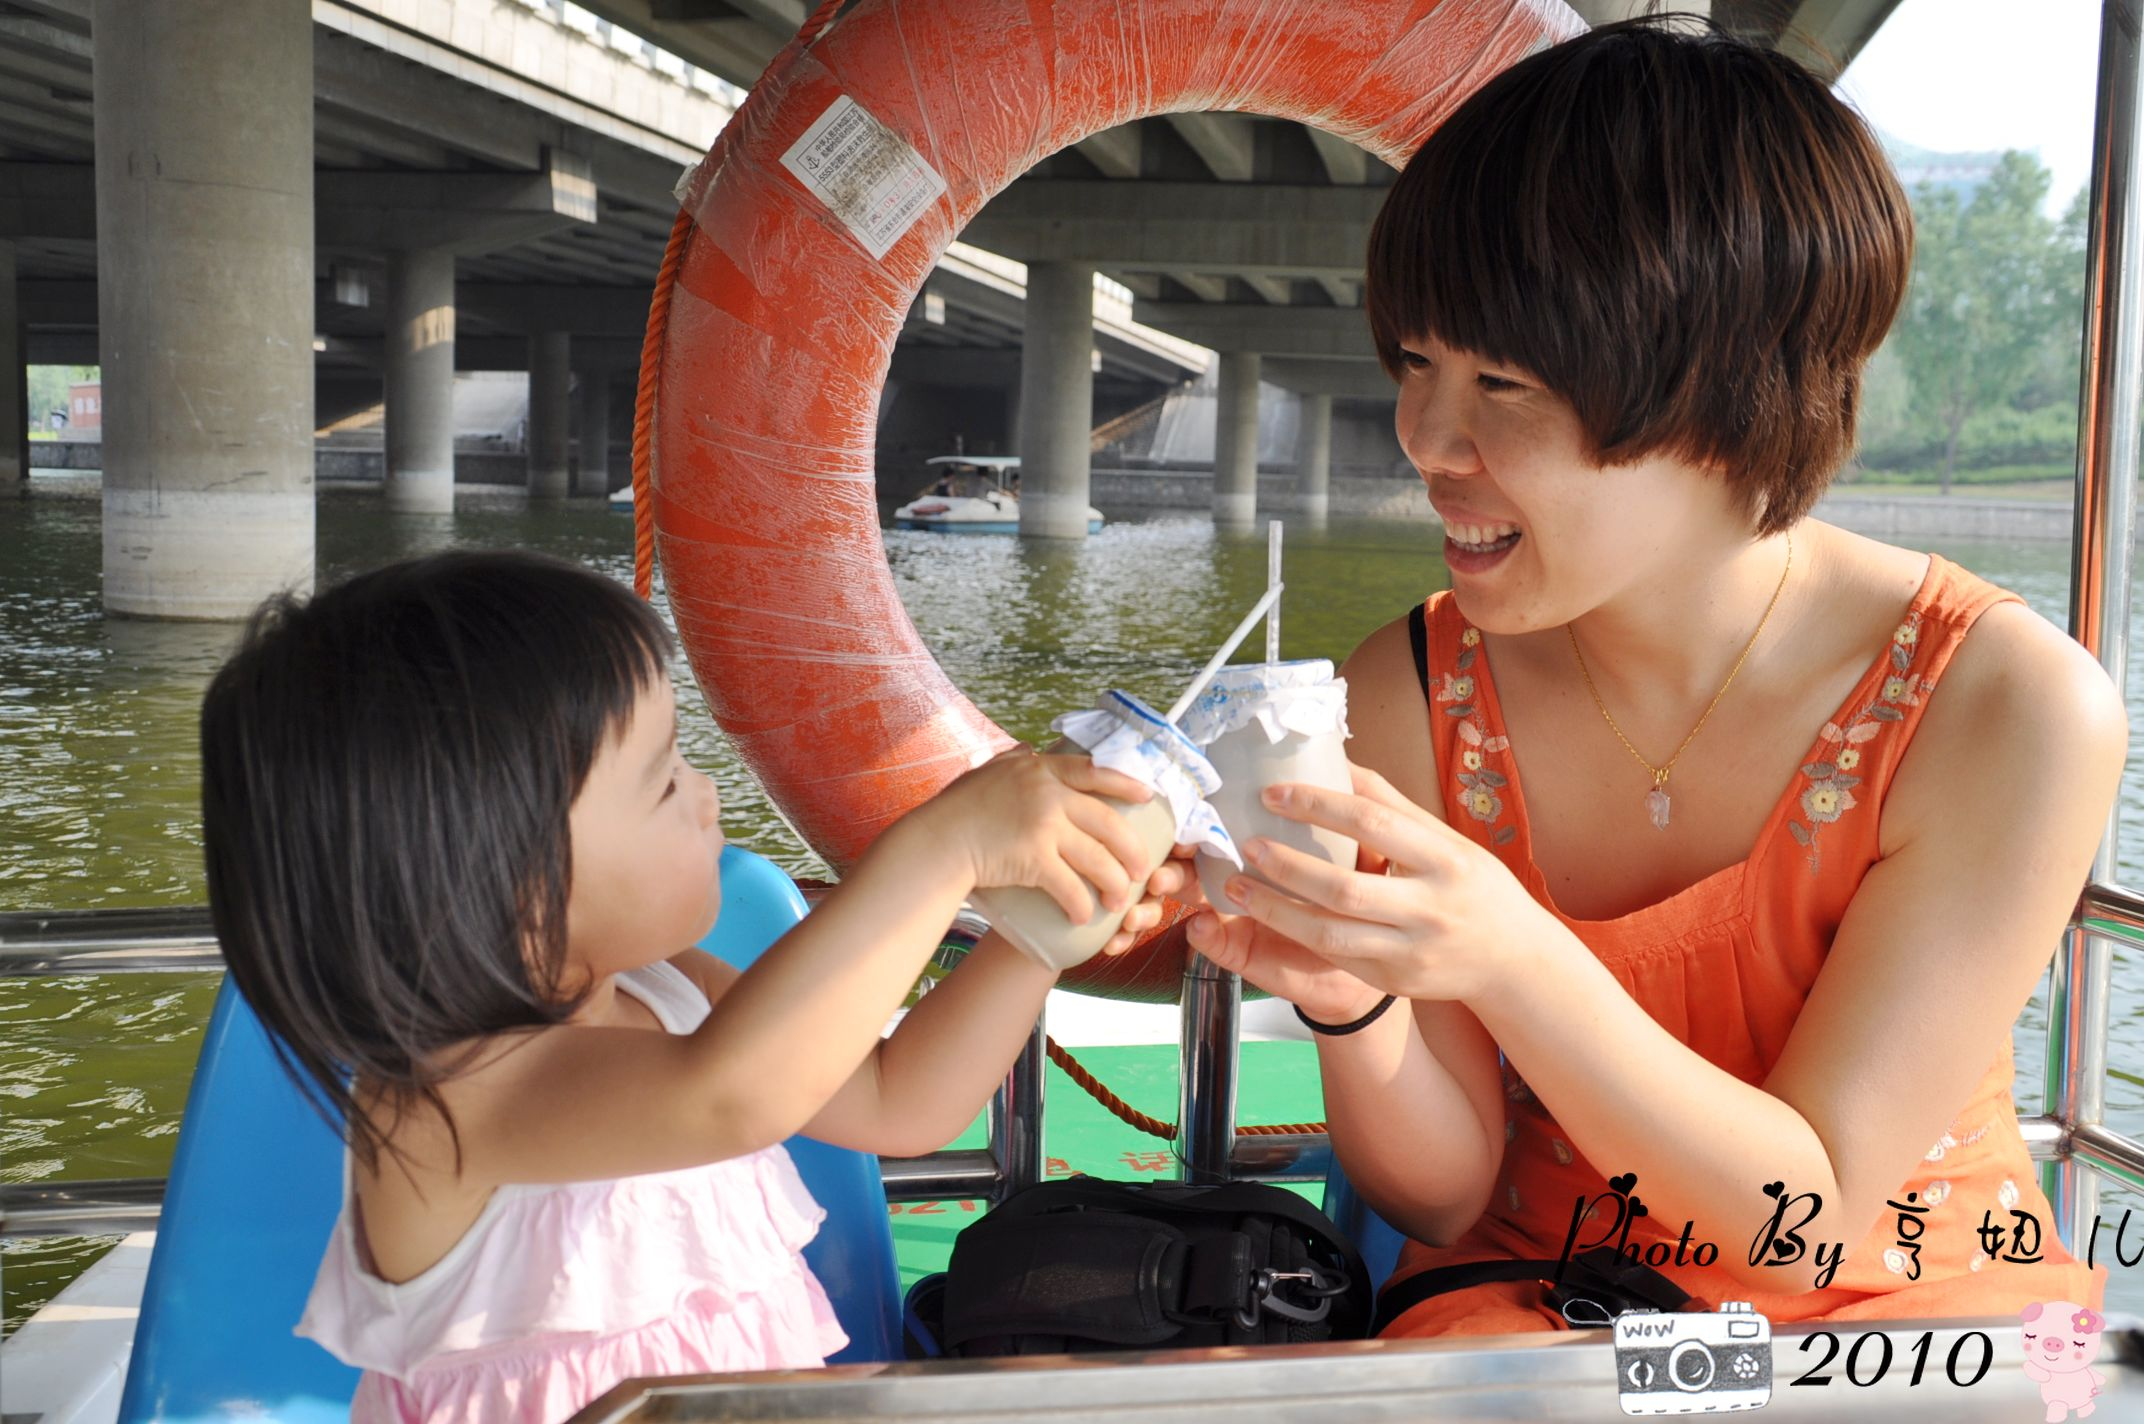 干杯 这磁罐的酸奶真是美好的回忆 小船长 让我们清凉一夏